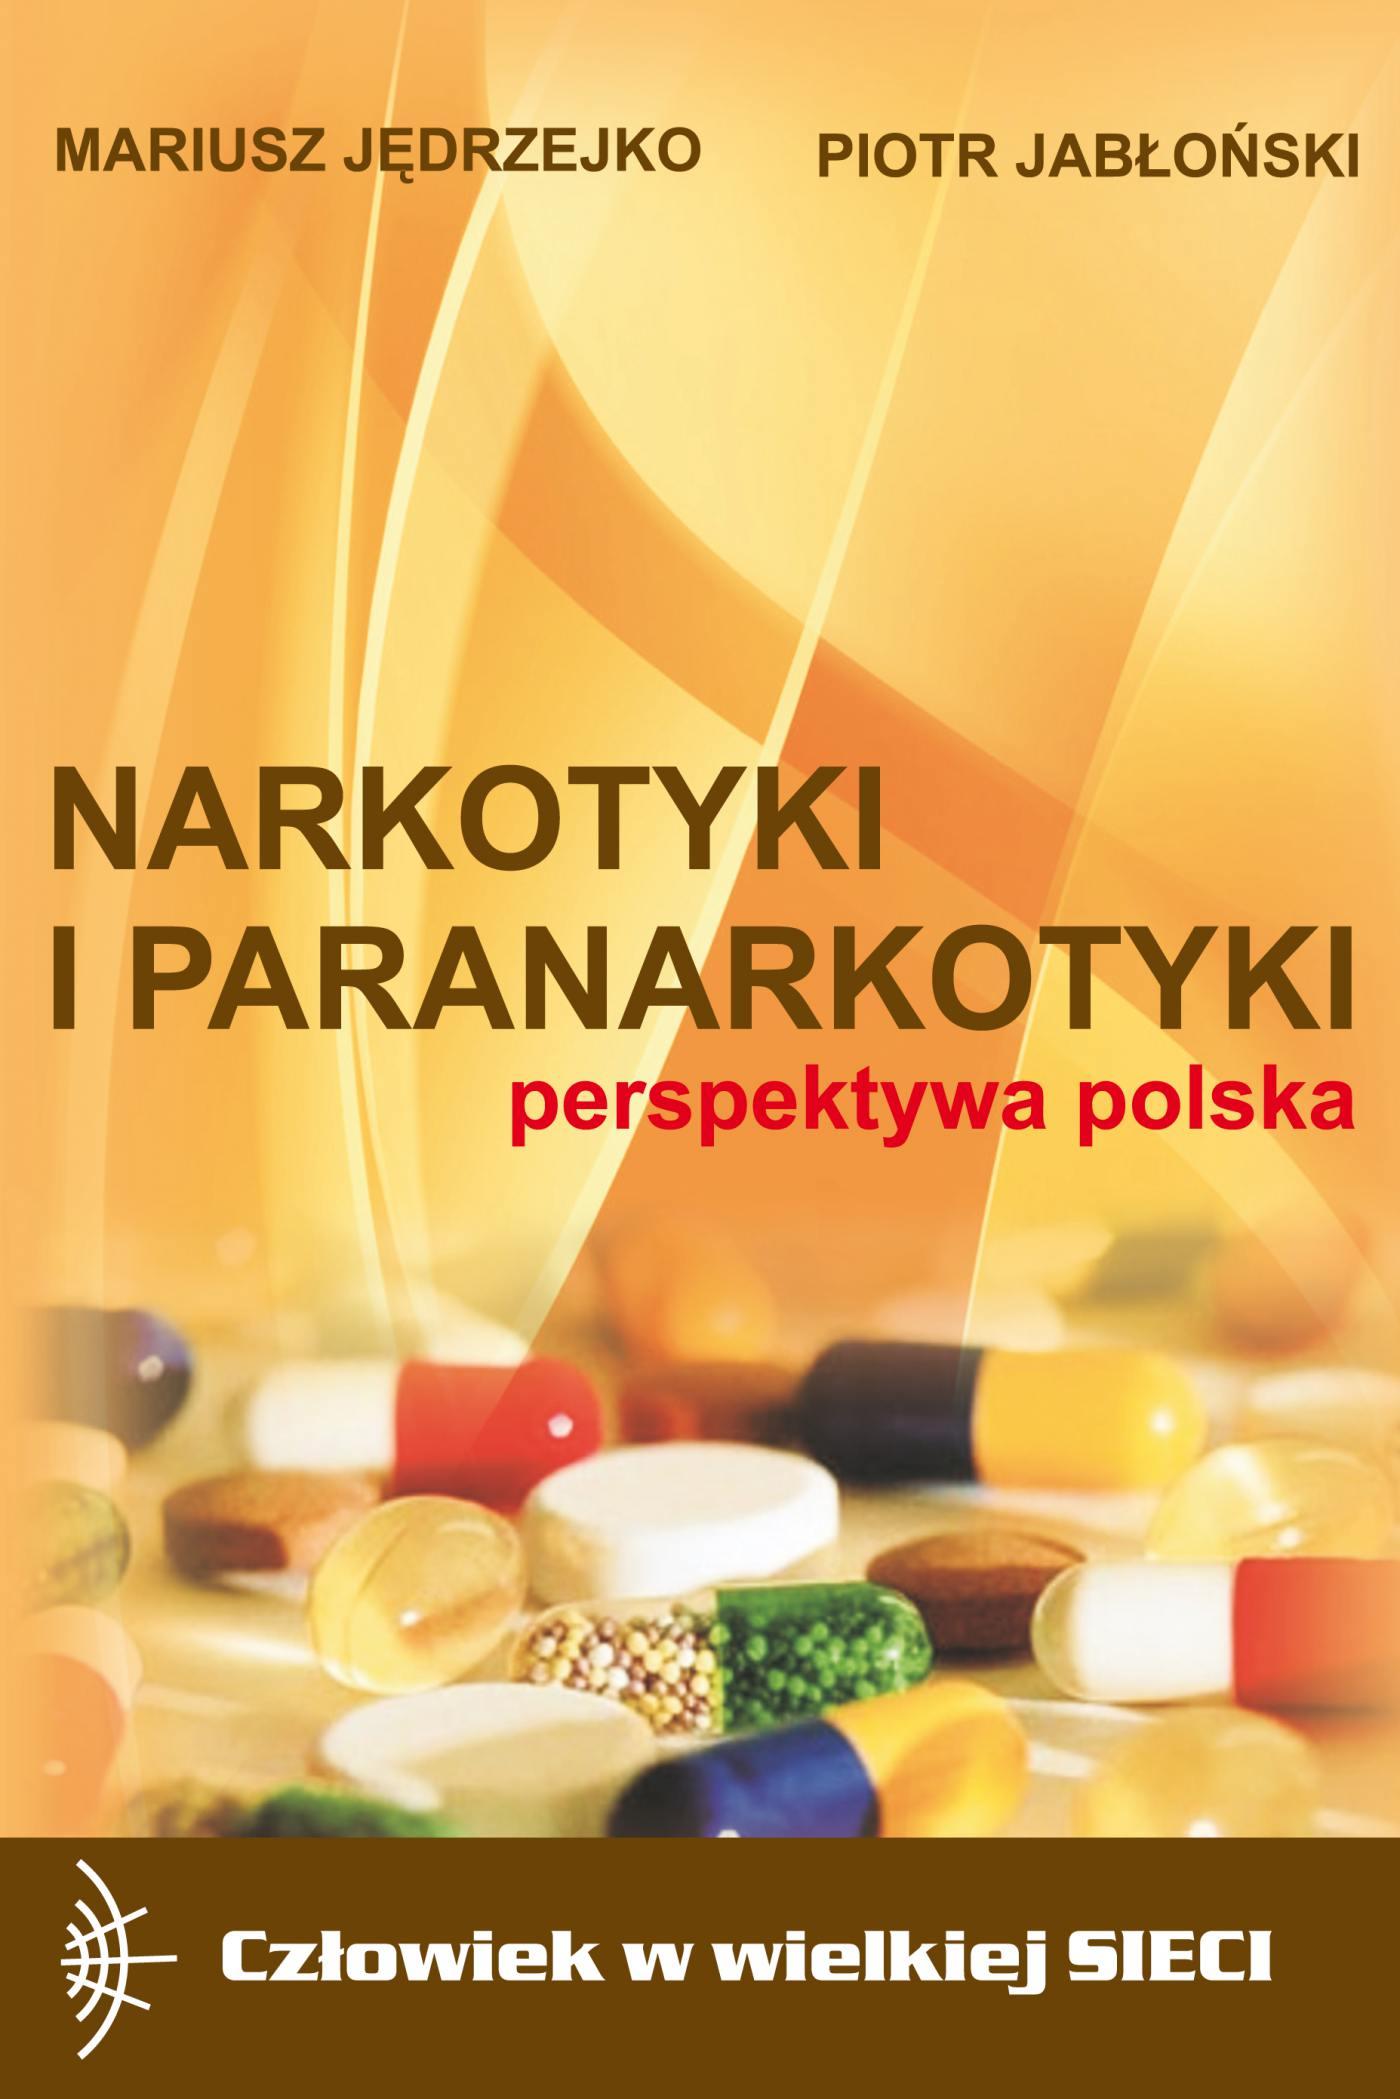 Narkotyki i paranarkotyki - perspektywa polska - Ebook (Książka PDF) do pobrania w formacie PDF